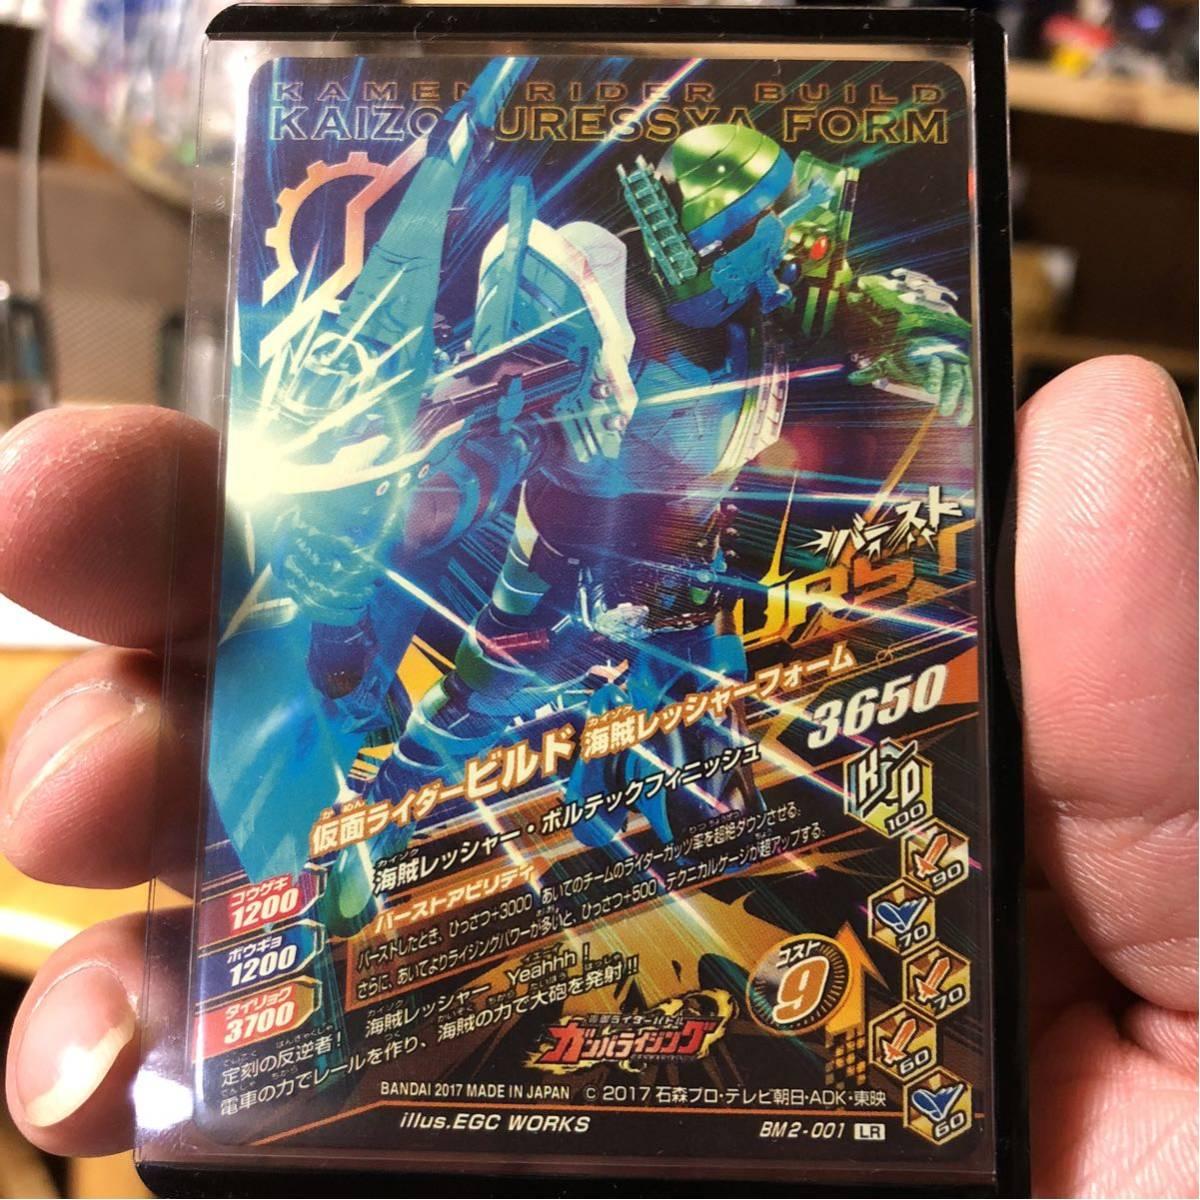 ガンバライジング BM2 LR 001 仮面ライダービルド 海賊レッシャーフォーム_画像2